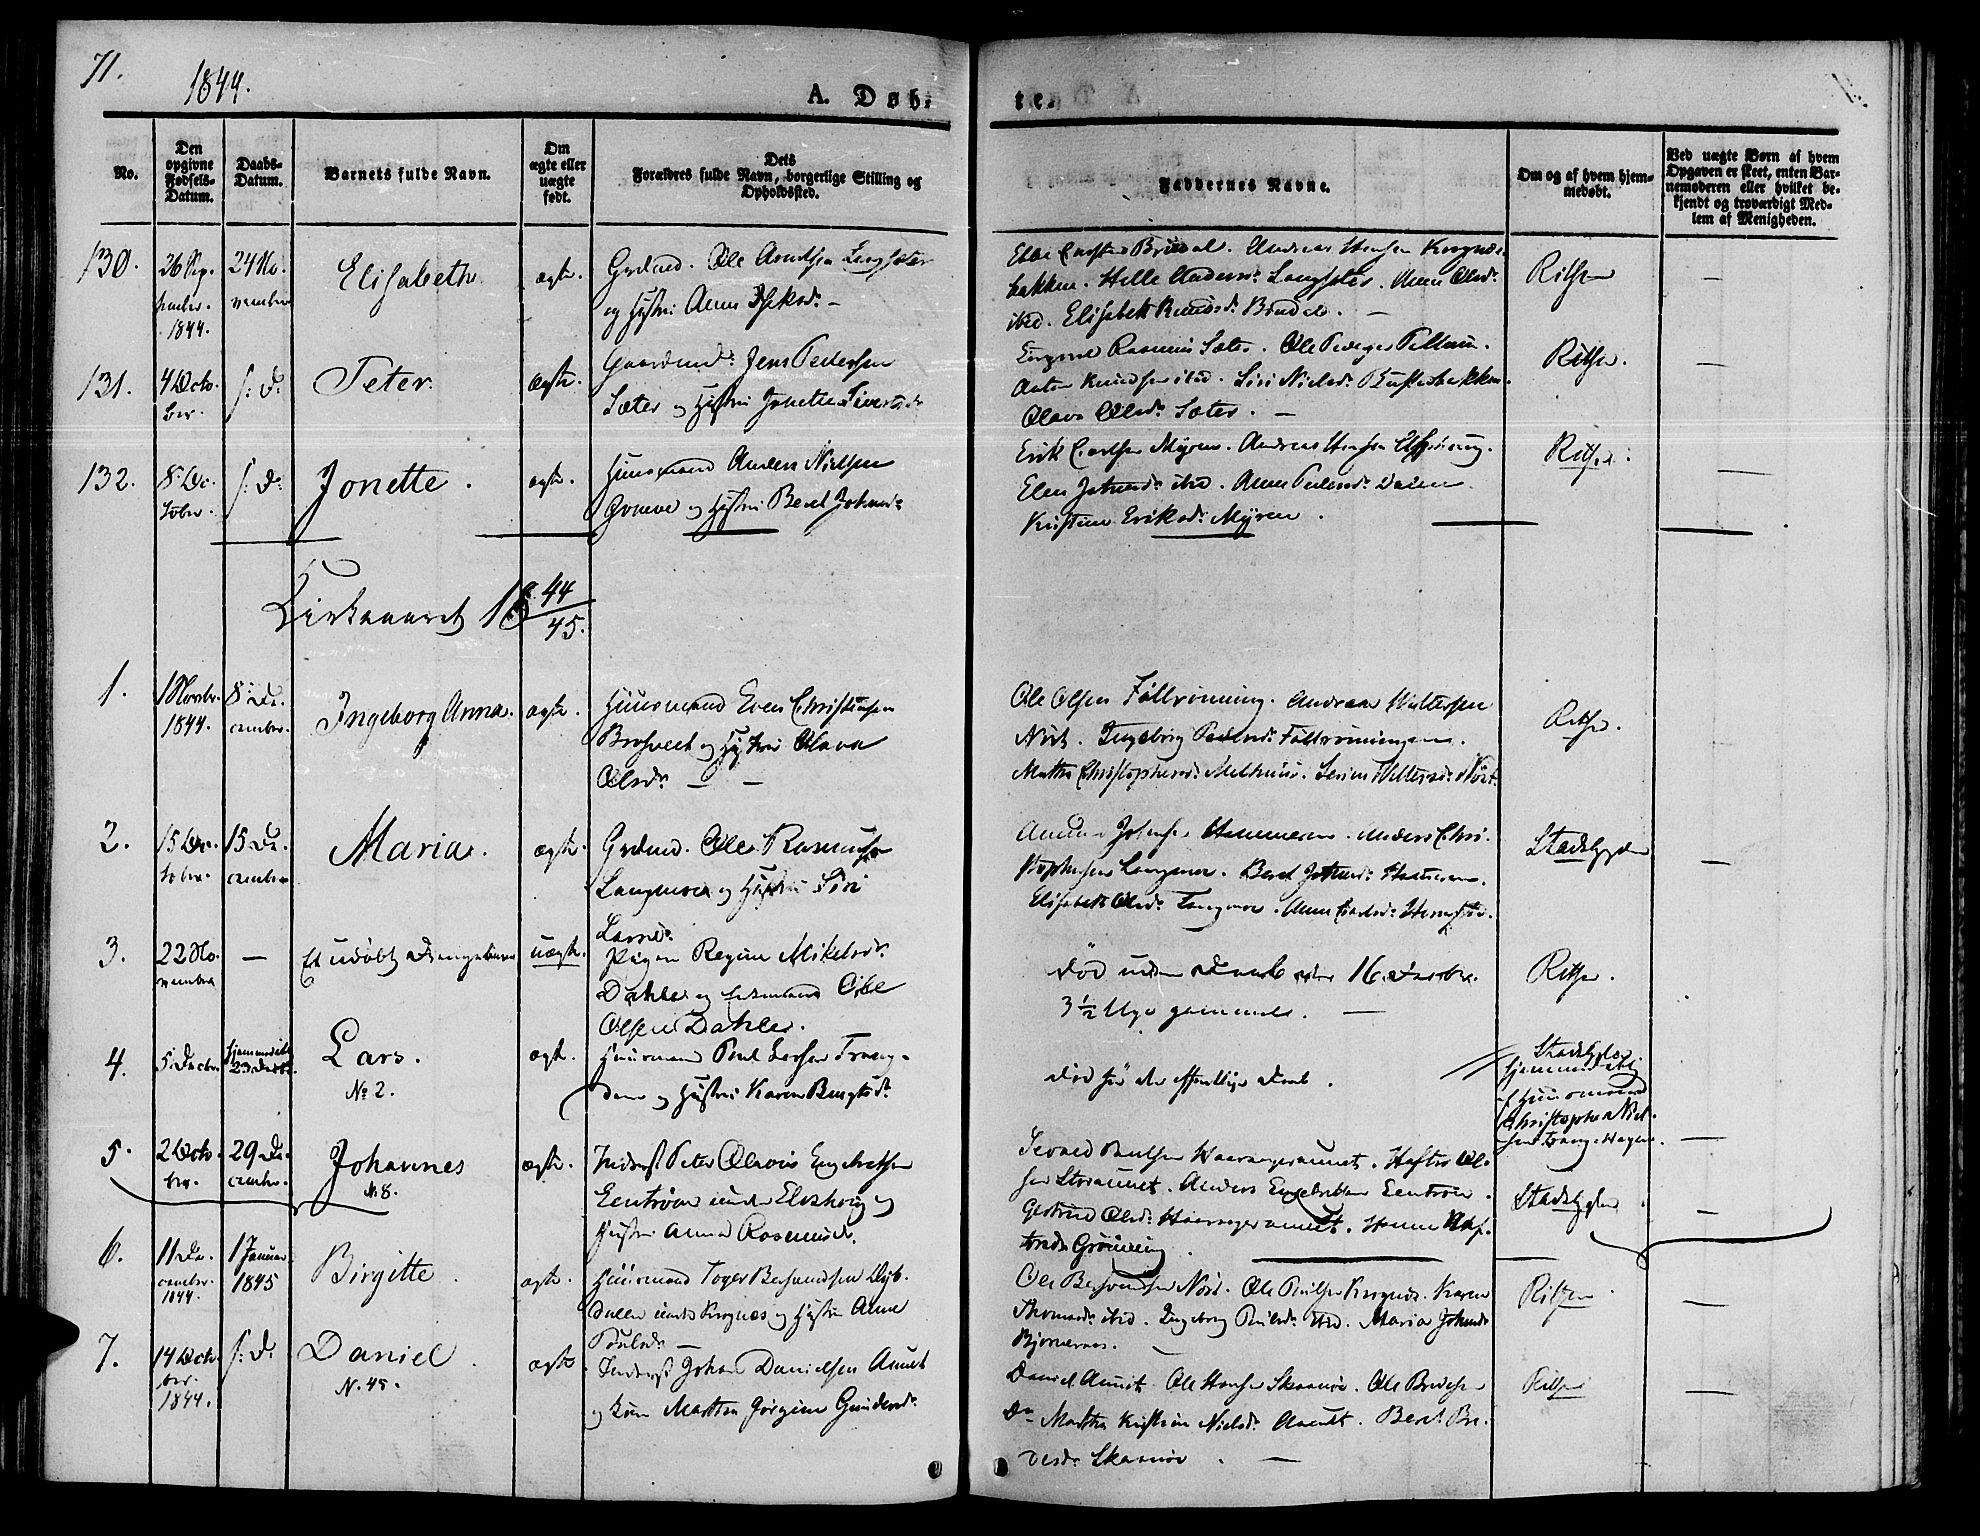 SAT, Ministerialprotokoller, klokkerbøker og fødselsregistre - Sør-Trøndelag, 646/L0610: Ministerialbok nr. 646A08, 1837-1847, s. 71